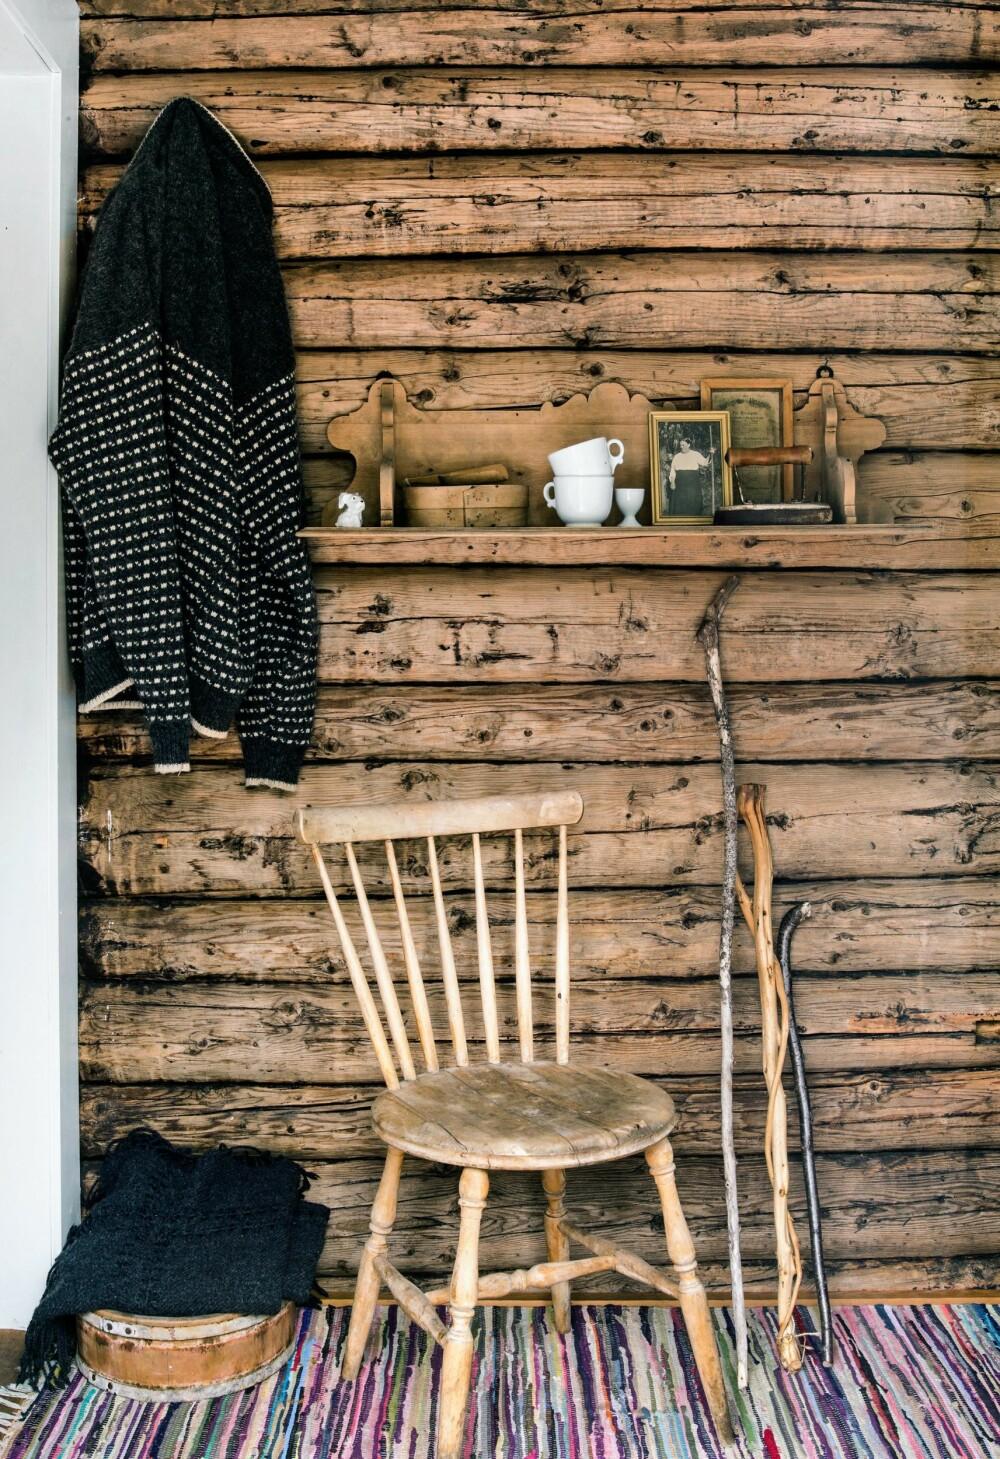 VELKOMMEN: Utenfra kommer en rett inn på kjøkkenet.  Til venstre er stuedøren og på veggen henger en hylle med gamle minner fra livet i skogen. Tømmerveggen er den  gamle ytterveggen fra svalgangen som ble kjøkken.